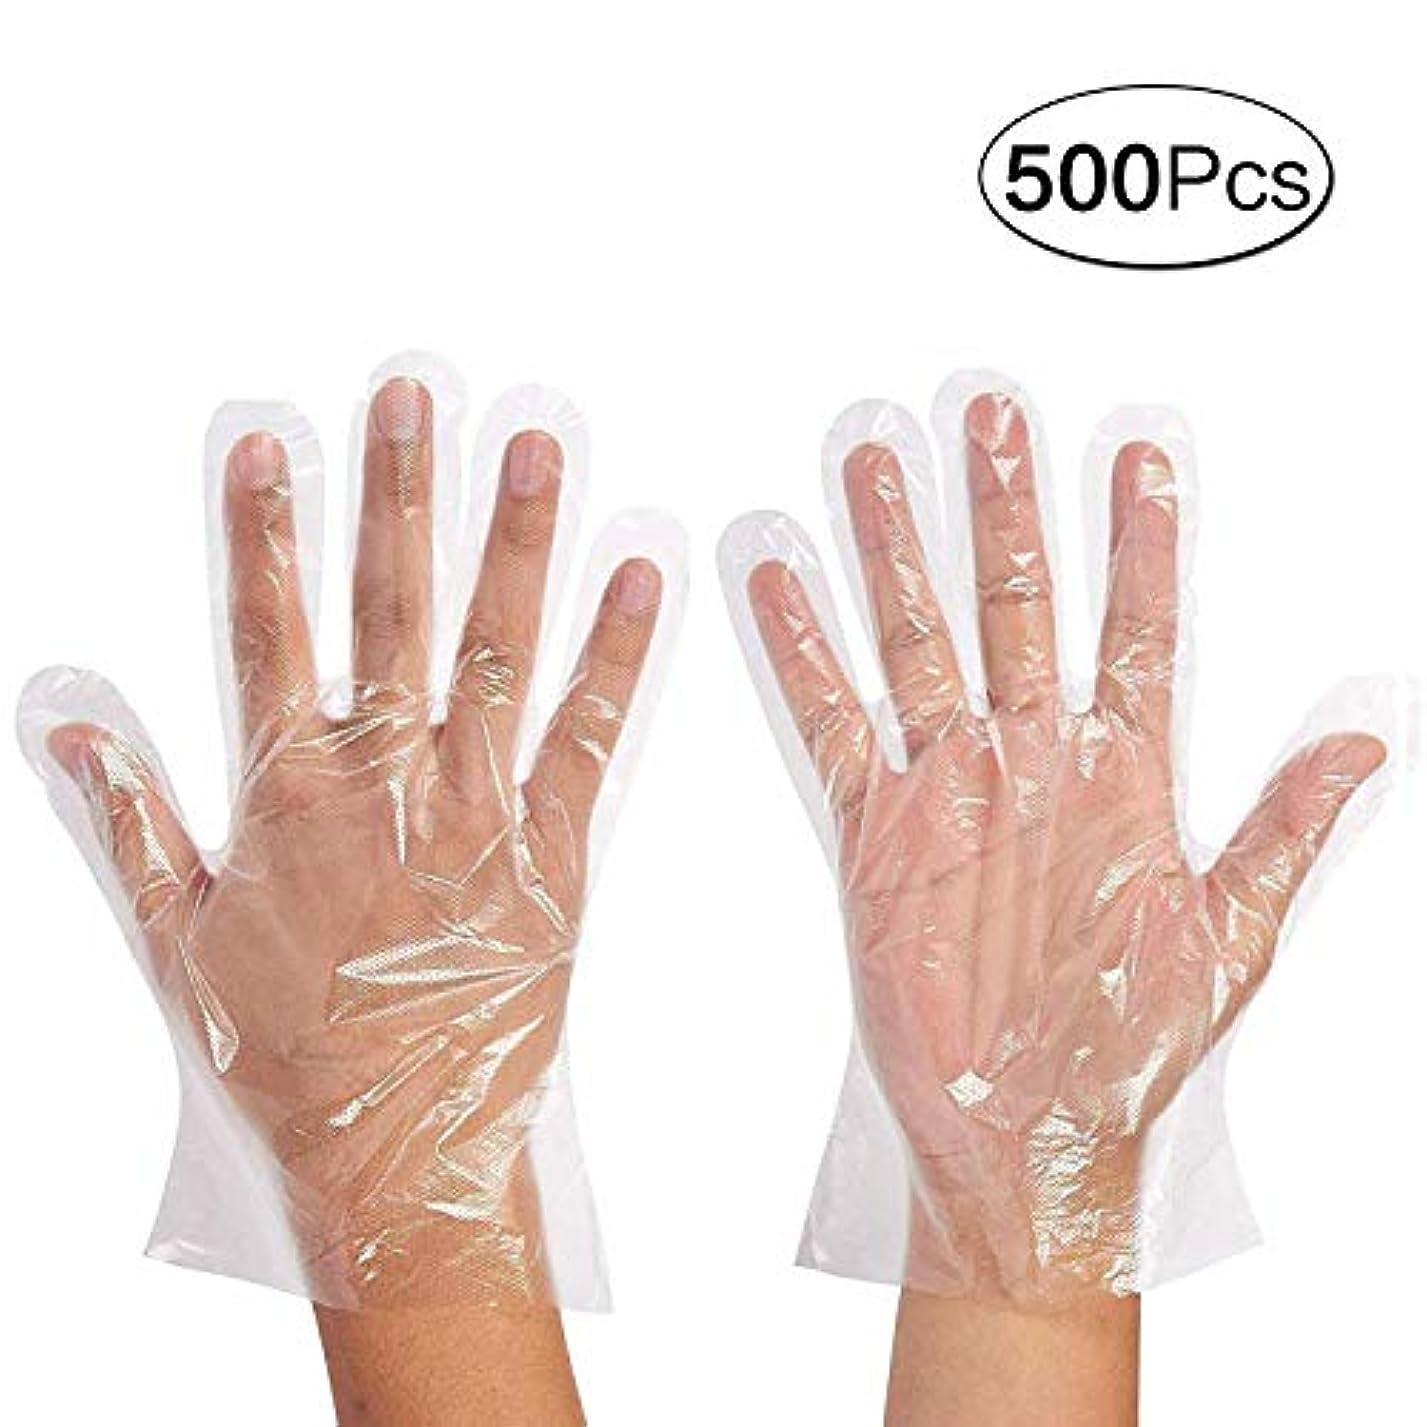 船形承認抽象使い捨て手袋 極薄ビニール手袋 ポリエチレン 透明 実用 衛生 500枚セット極薄手袋